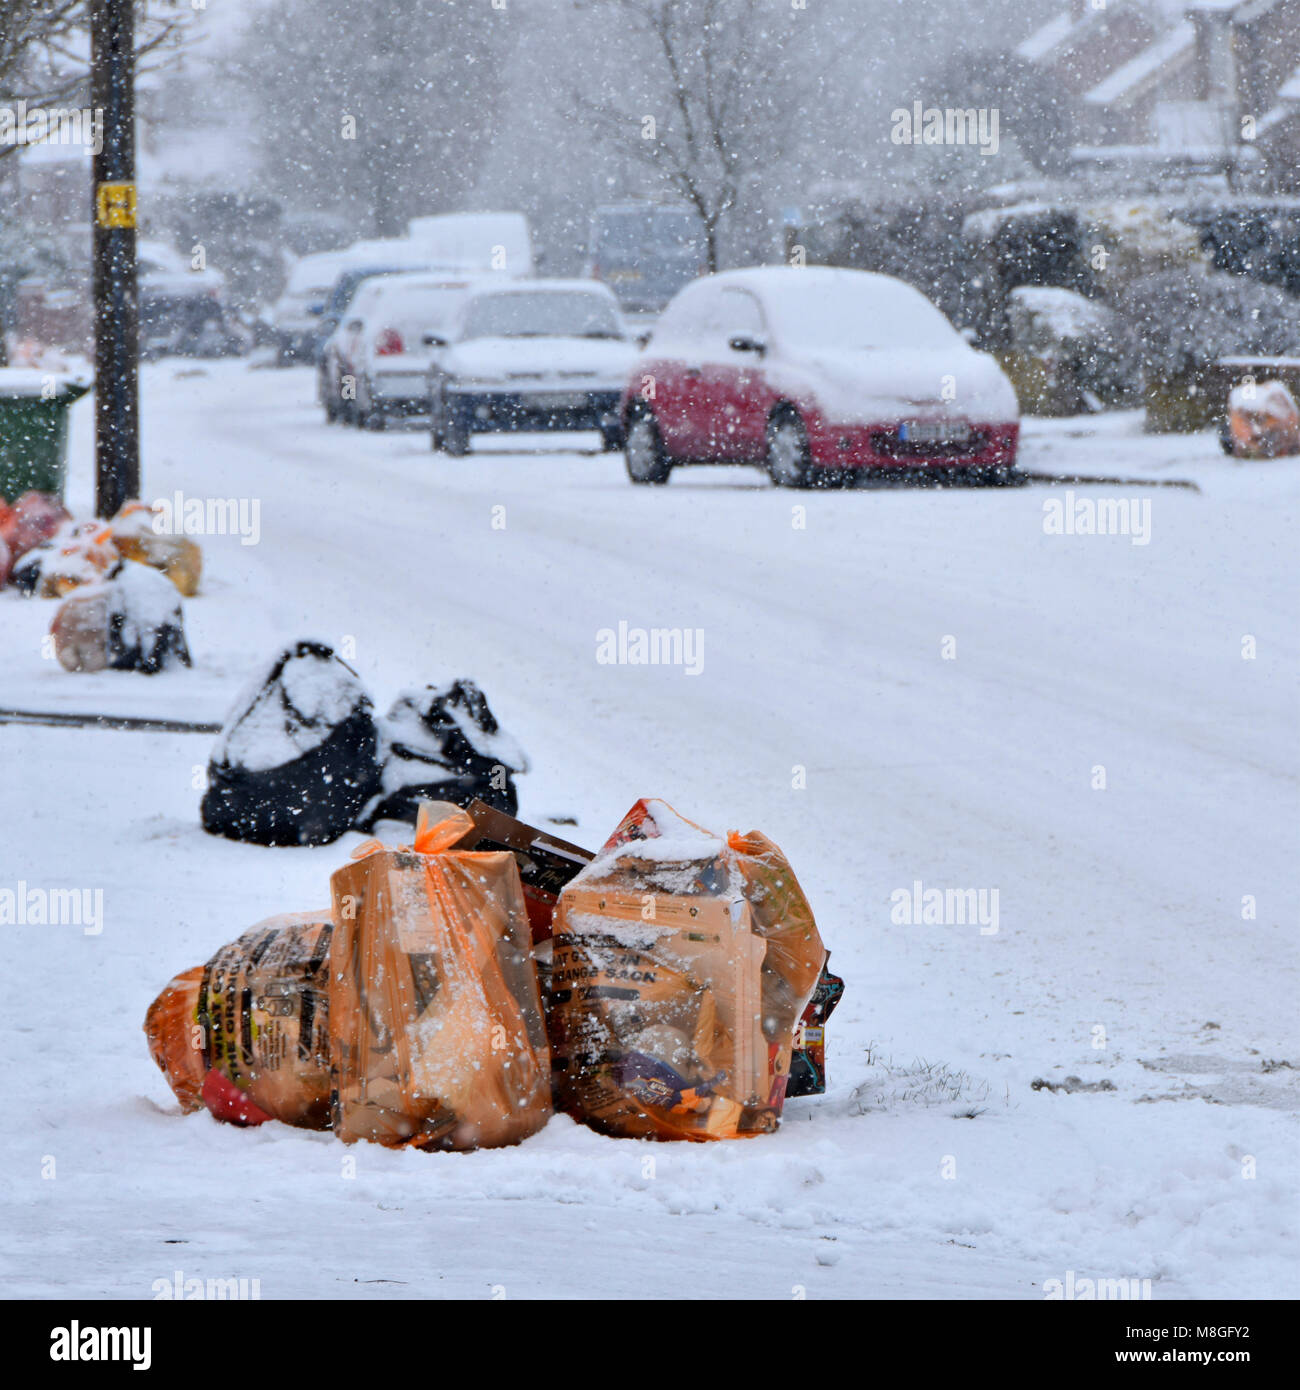 Inverno scene di strada sacchetti di riciclare i rifiuti & sacchi neri discariche di rifiuti coperti di neve Immagini Stock